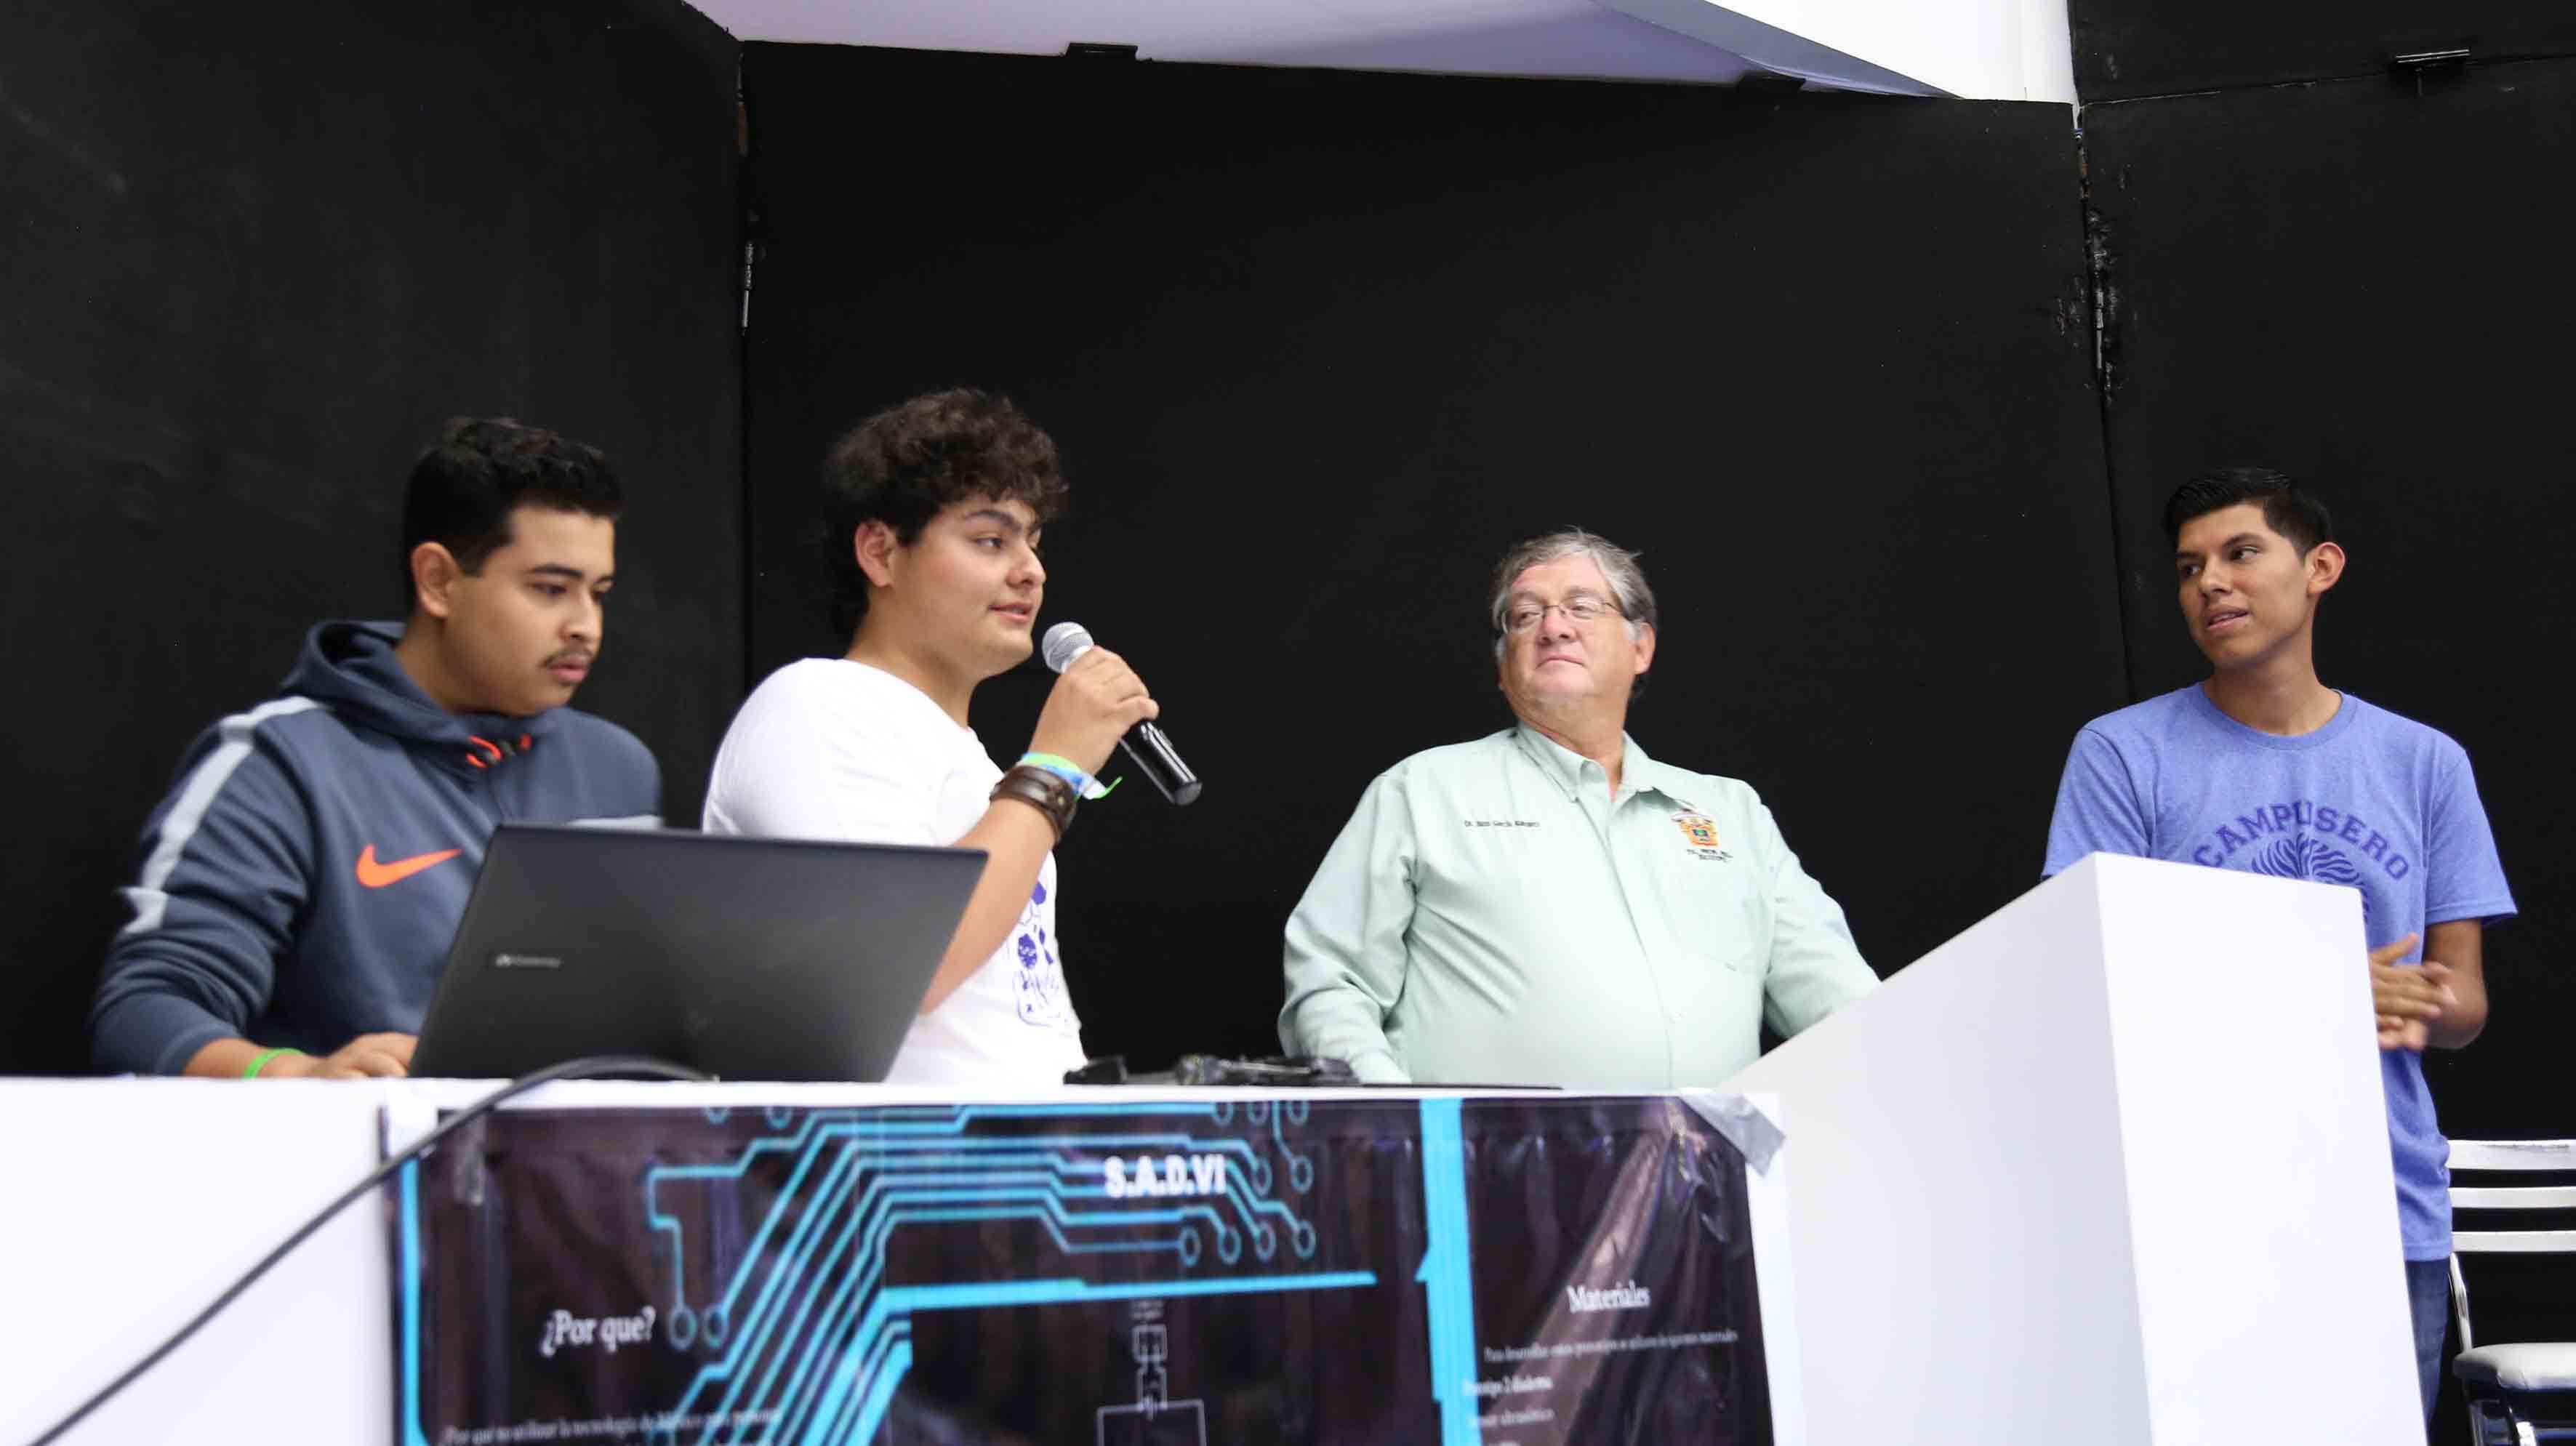 Alumnos y asesores, de la Preparatoria Regional de Jocotepec, participando en la demostración de sus inventos